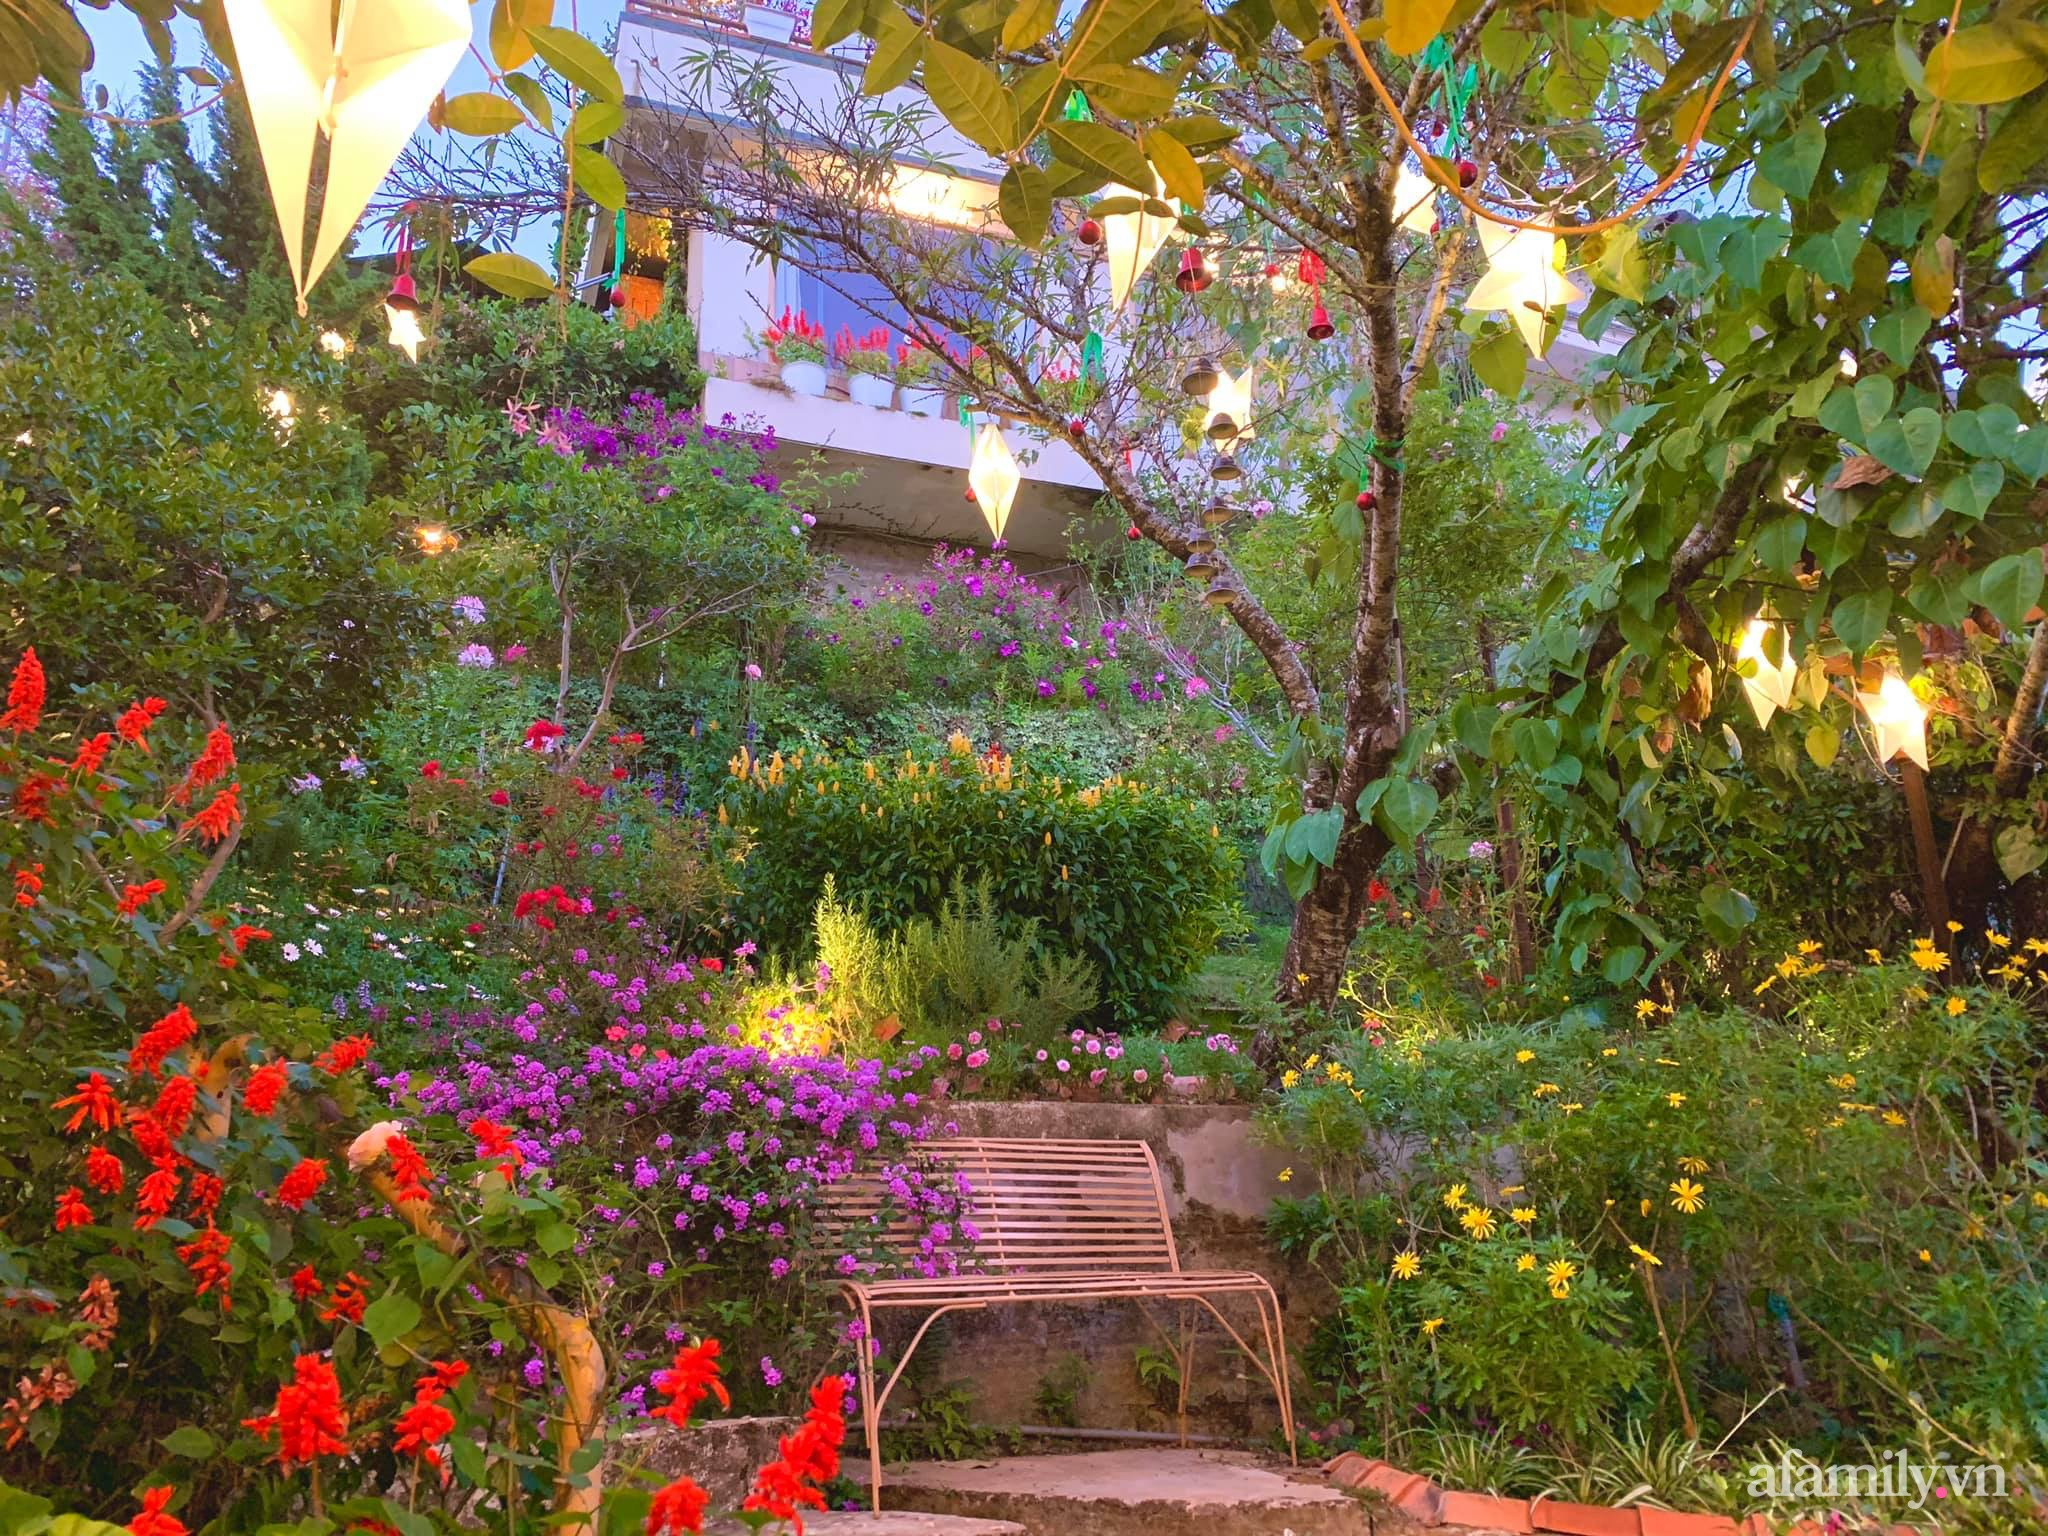 Ngôi nhà nhỏ yên bình sở hữu khu vườn đẹp như xứ sở thần tiên giữa lưng chừng đồi ở Đà Lạt - Ảnh 20.